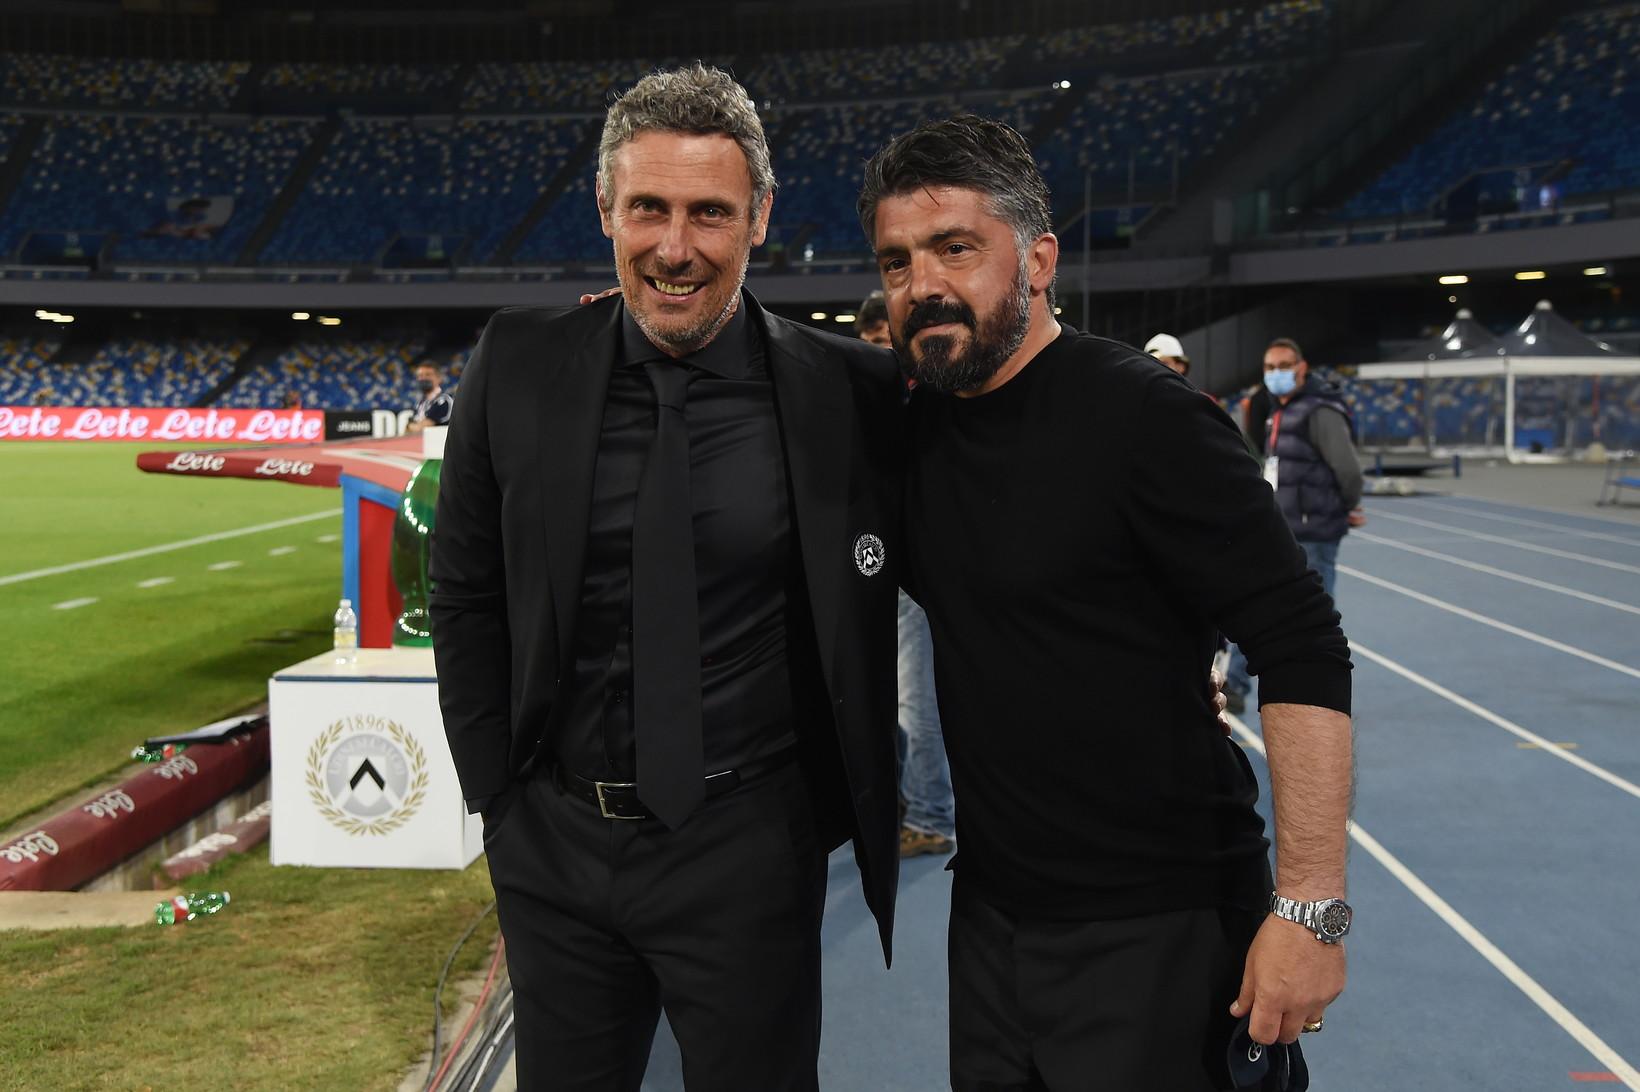 Napoli-Udinese 5-1, le migliori foto della sfida del Maradona<br /><br />